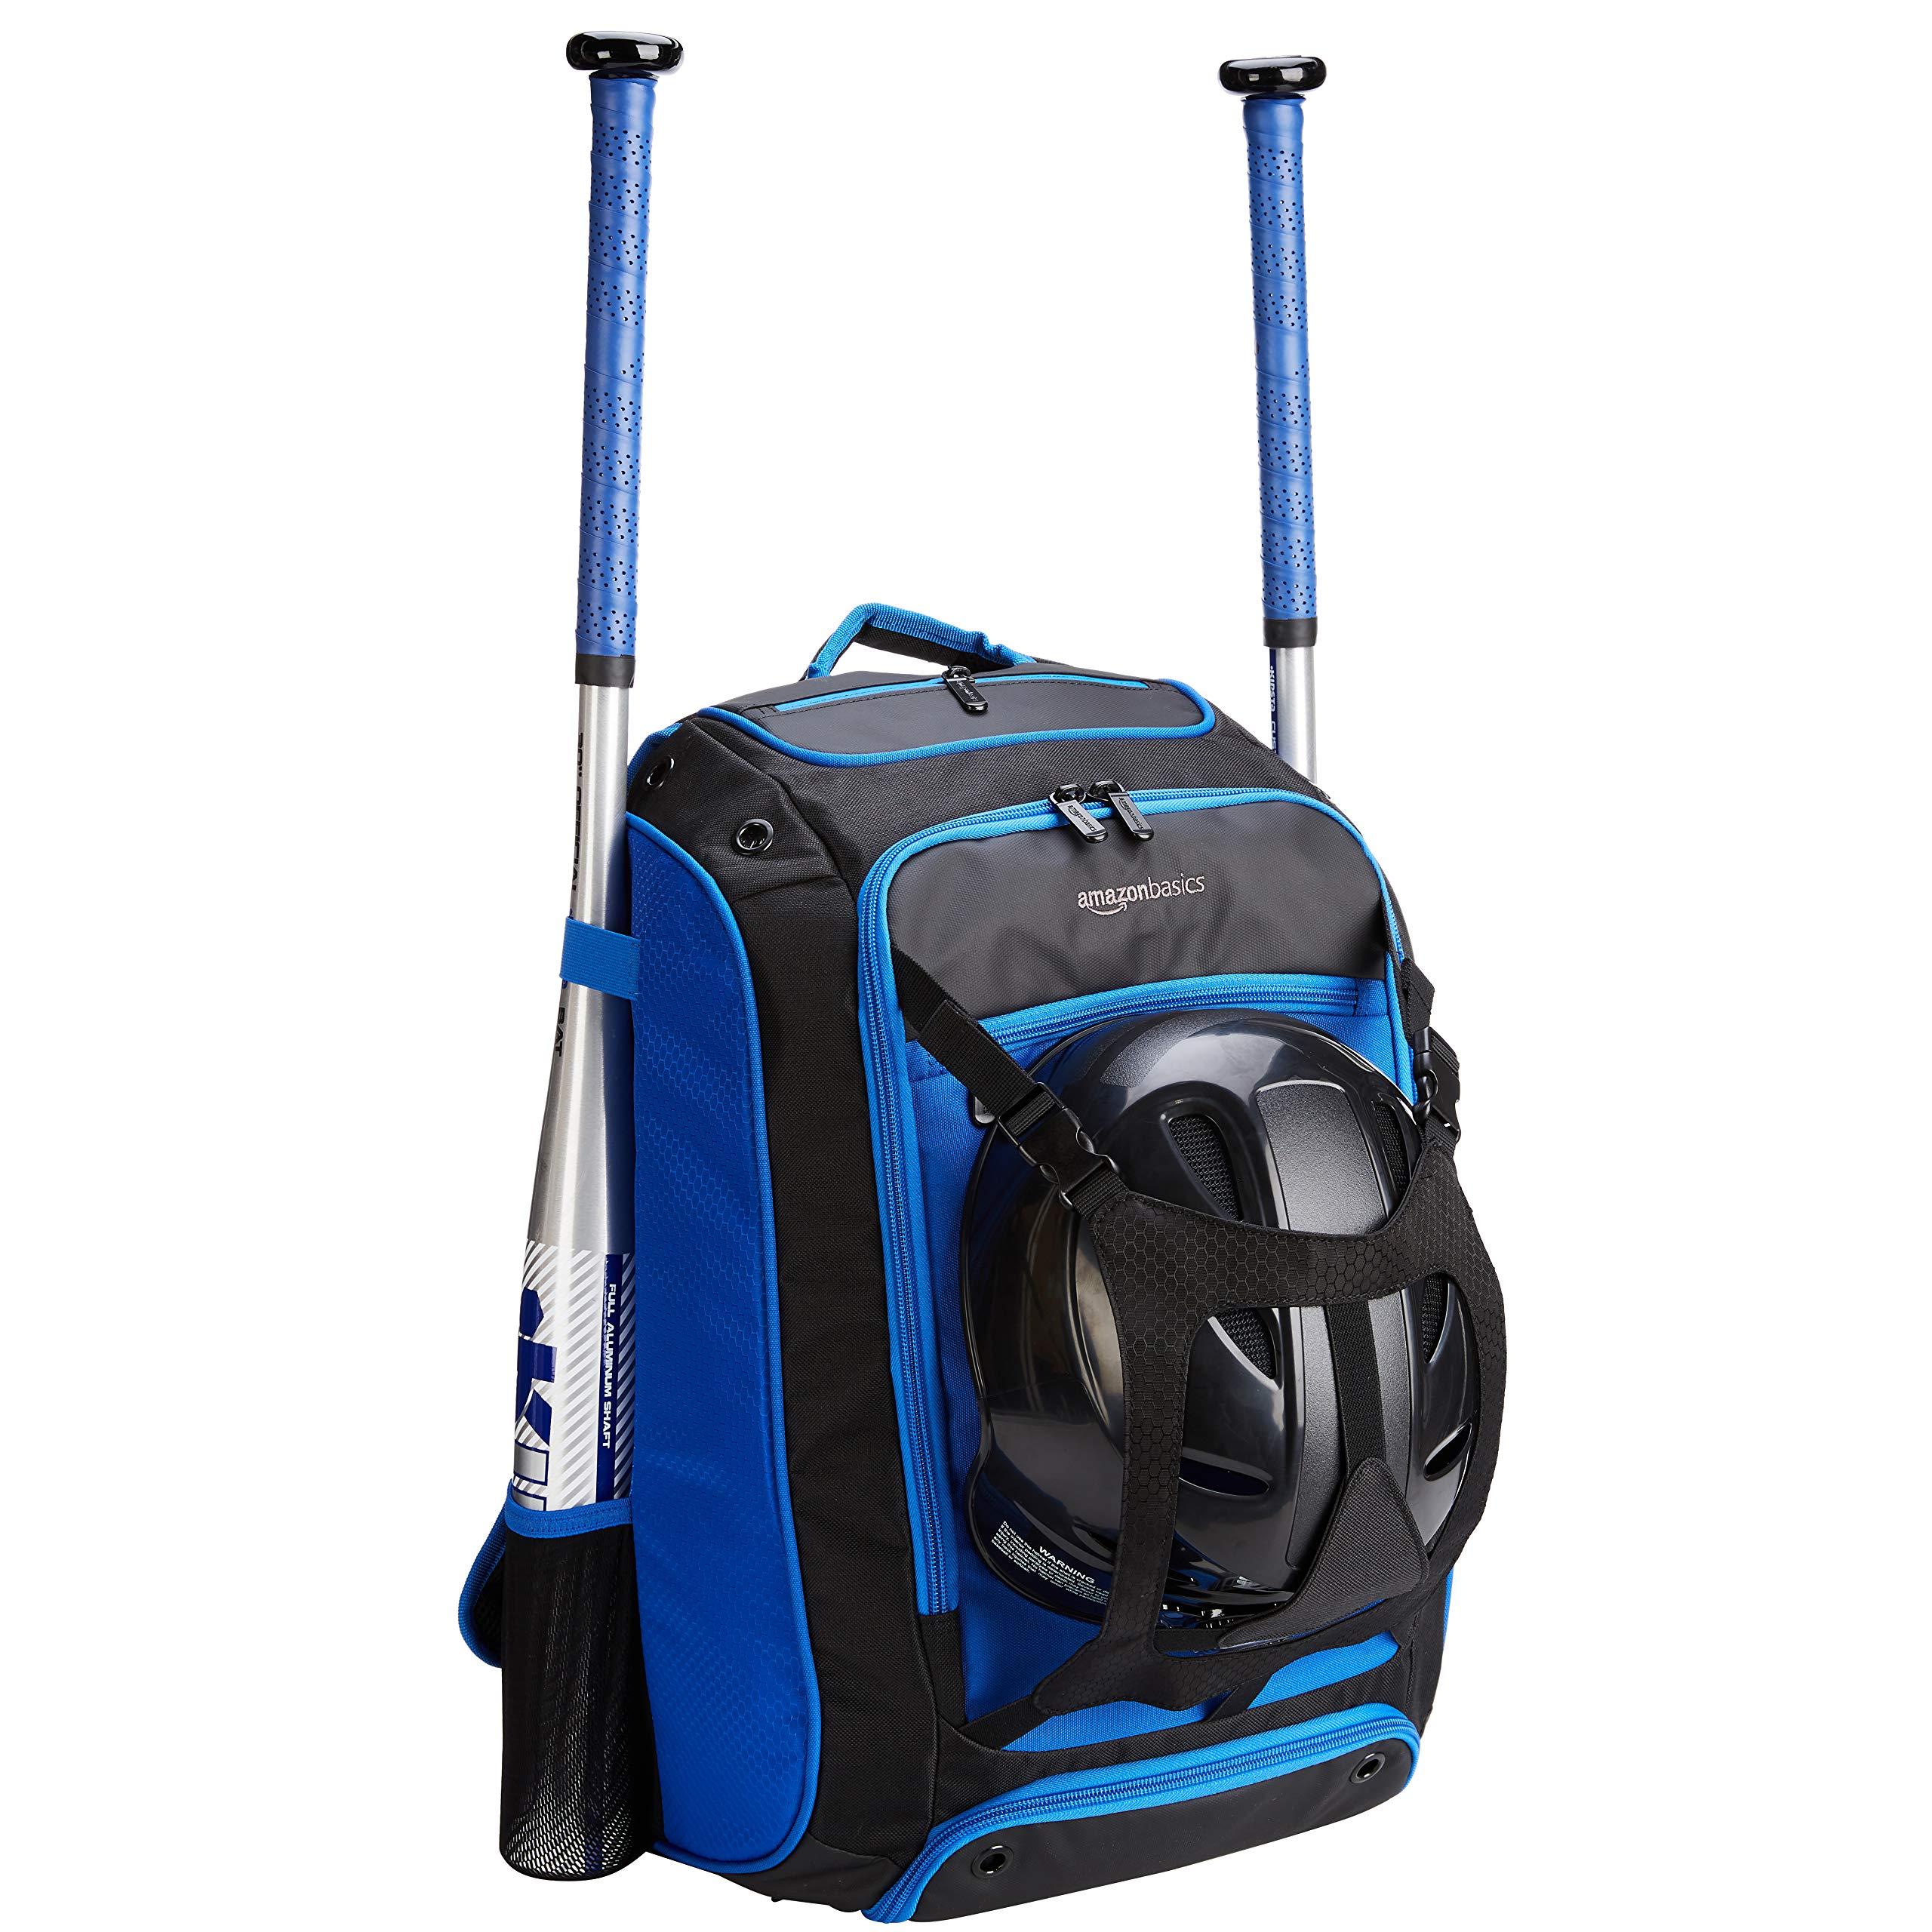 AmazonBasics Baseball Equipment Backpack, Blue by AmazonBasics (Image #1)